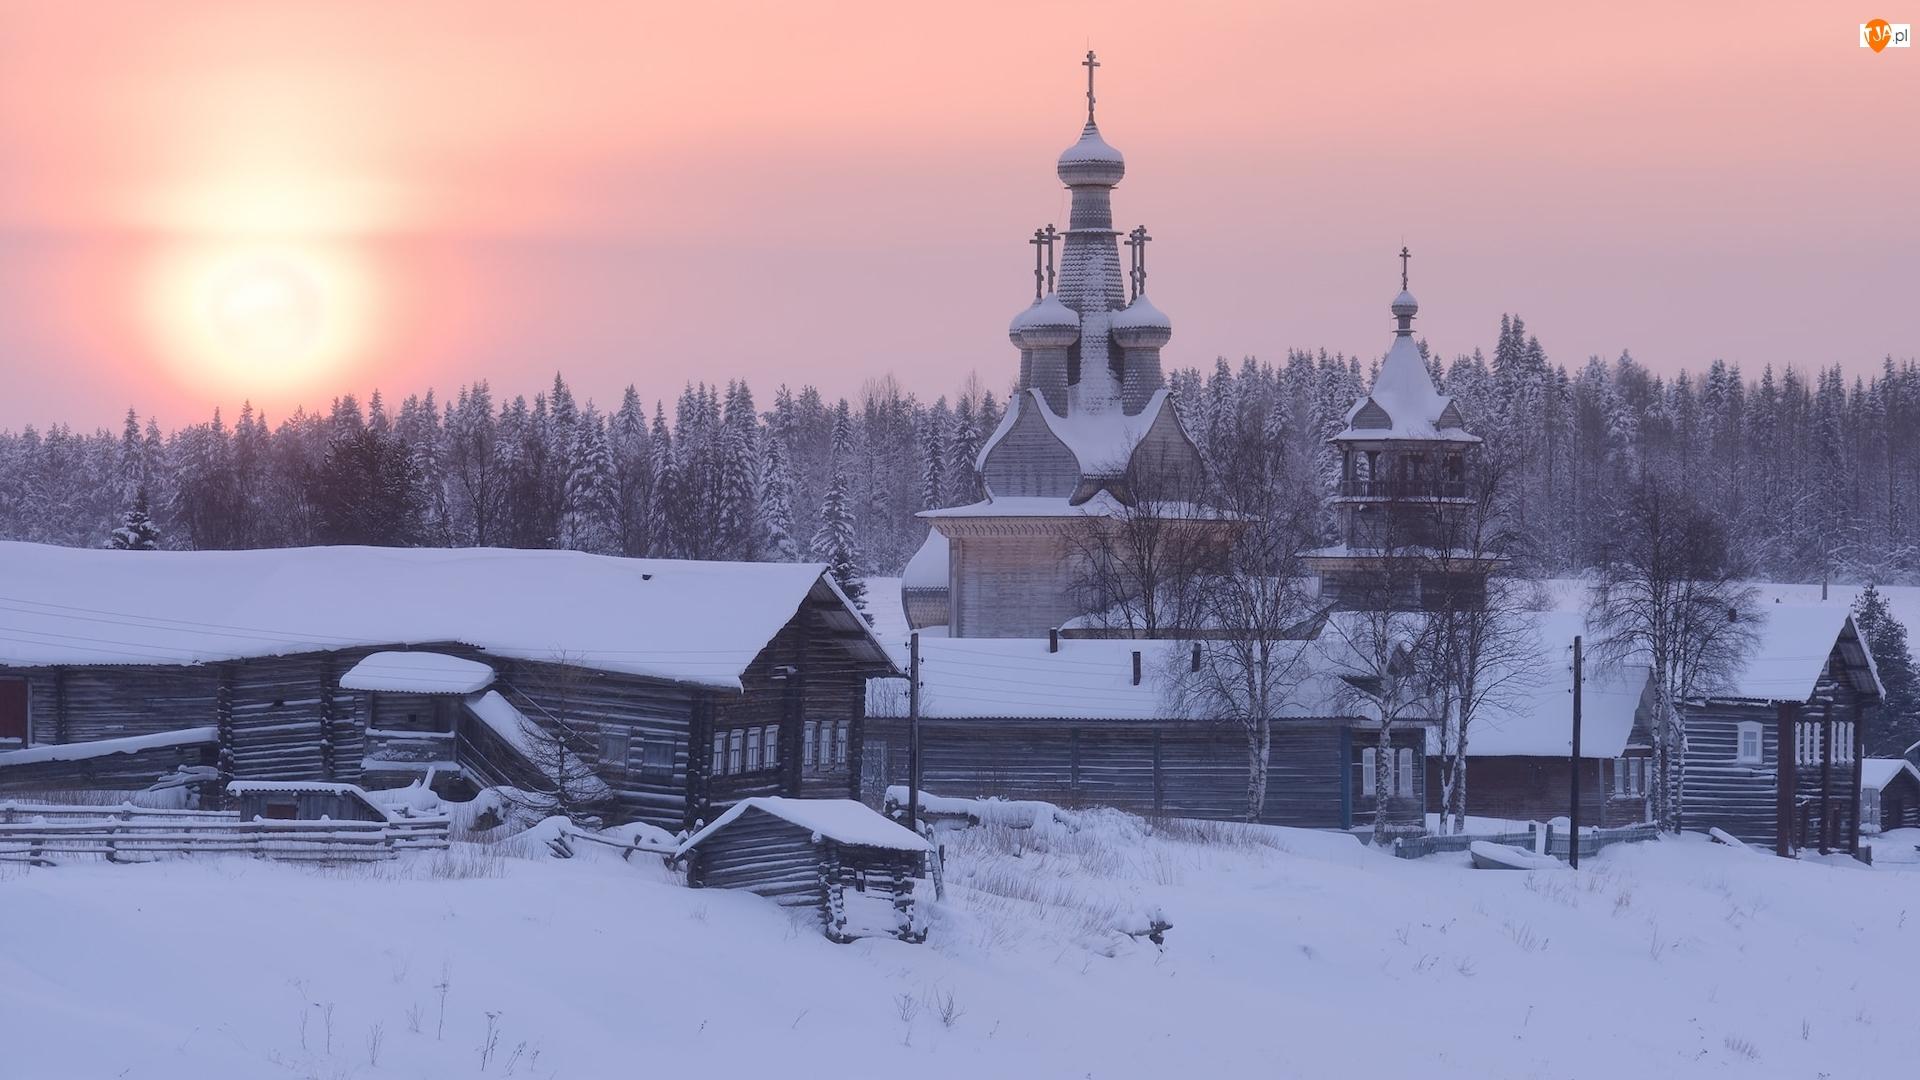 Cerkiew, Zima, Wschód słońca, Domy